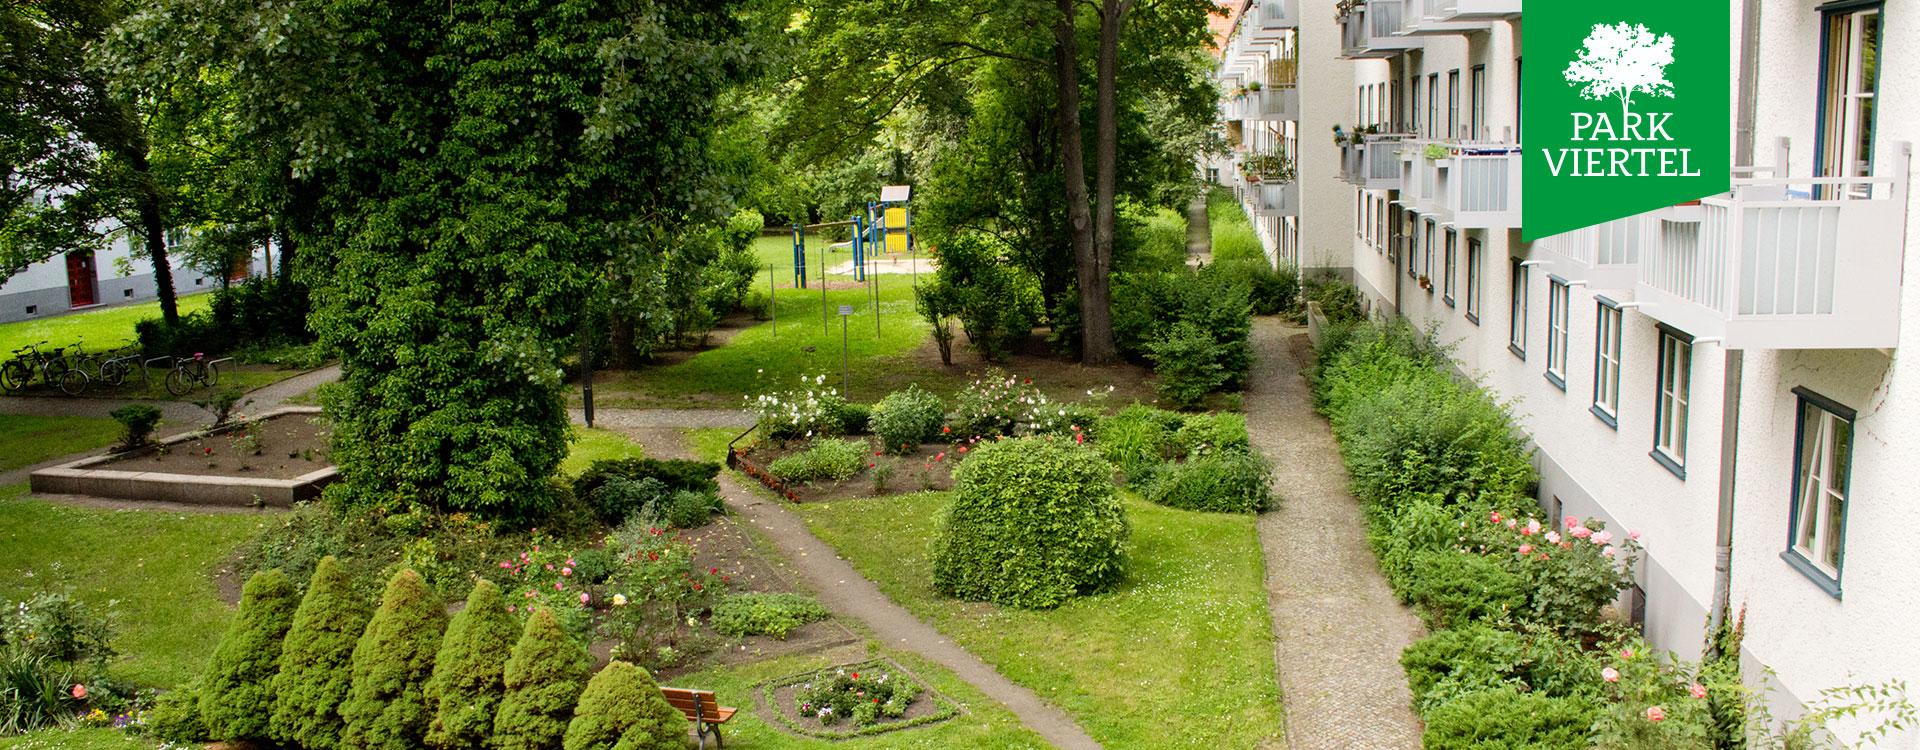 Wohnungen Prenzlauer Berg: Parkviertel Berlin